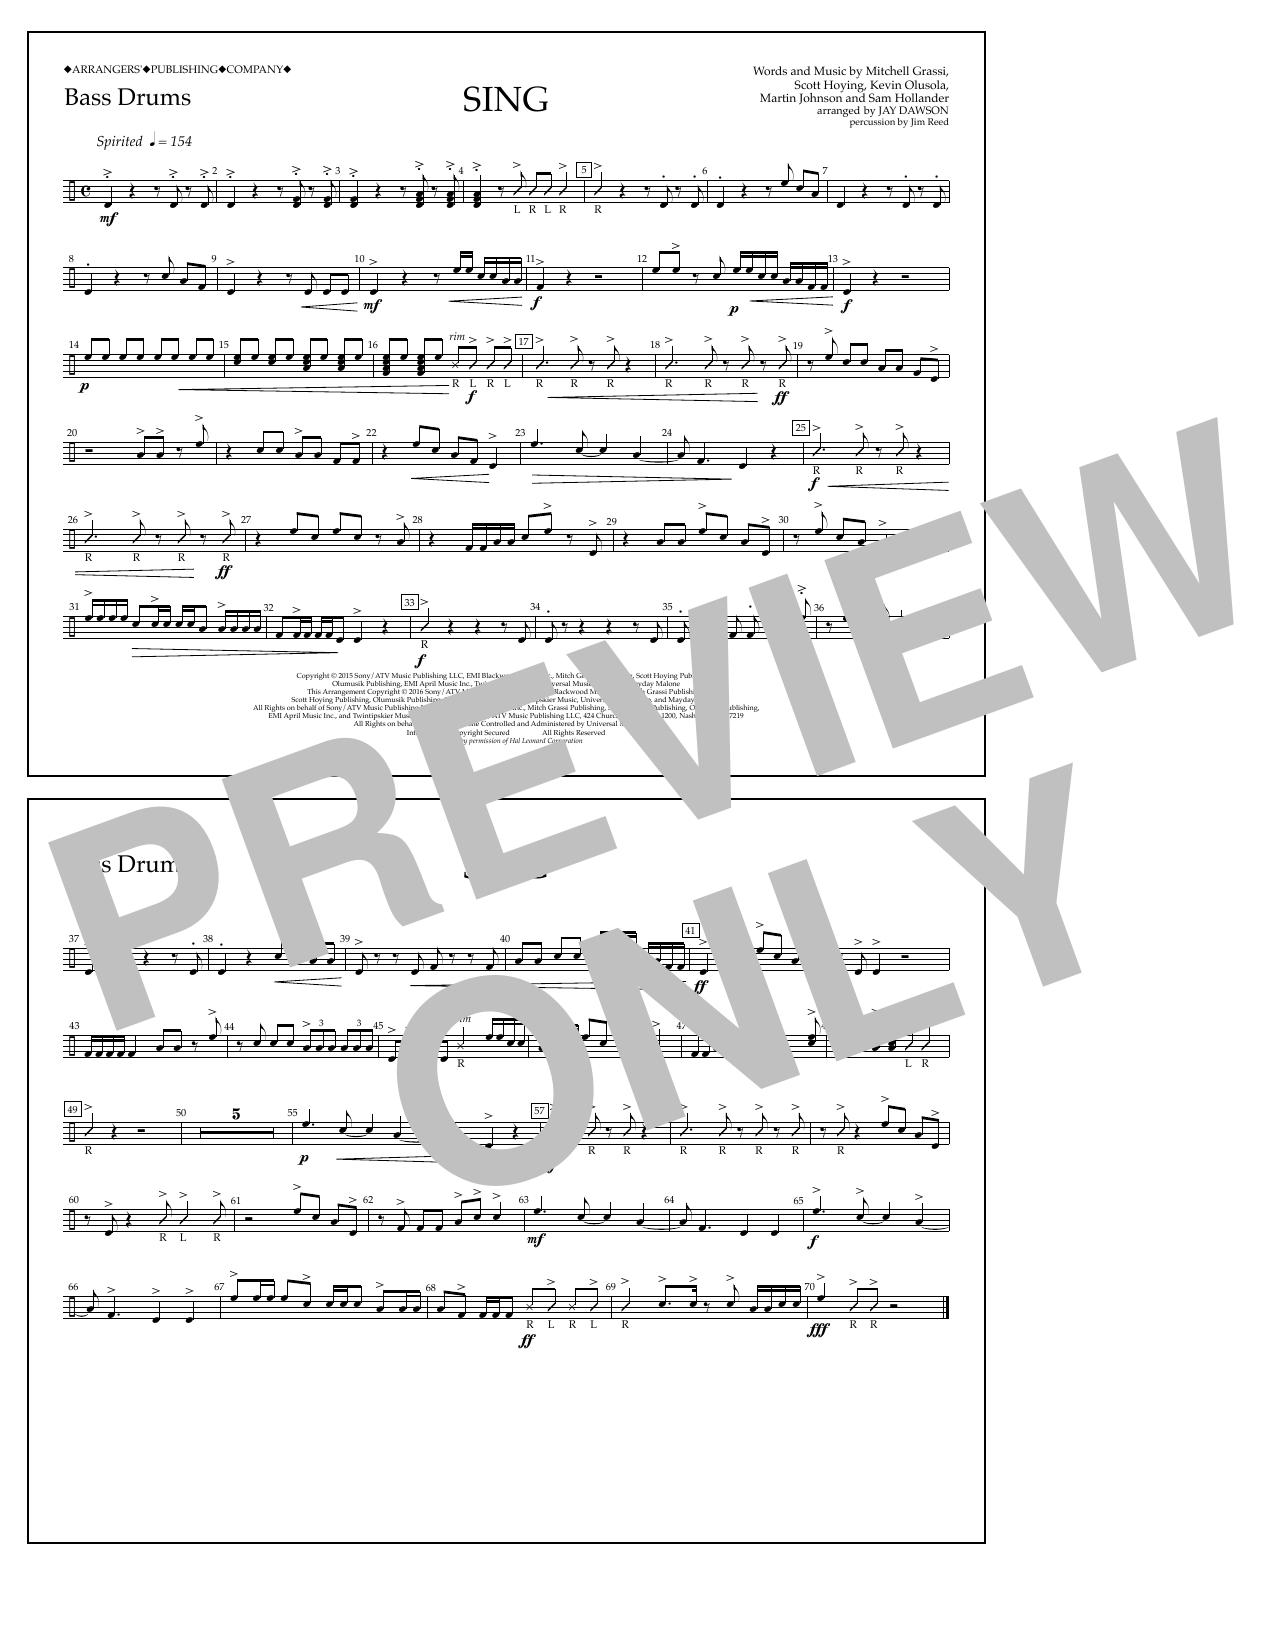 Pentatonix - Sing - Bass Drums